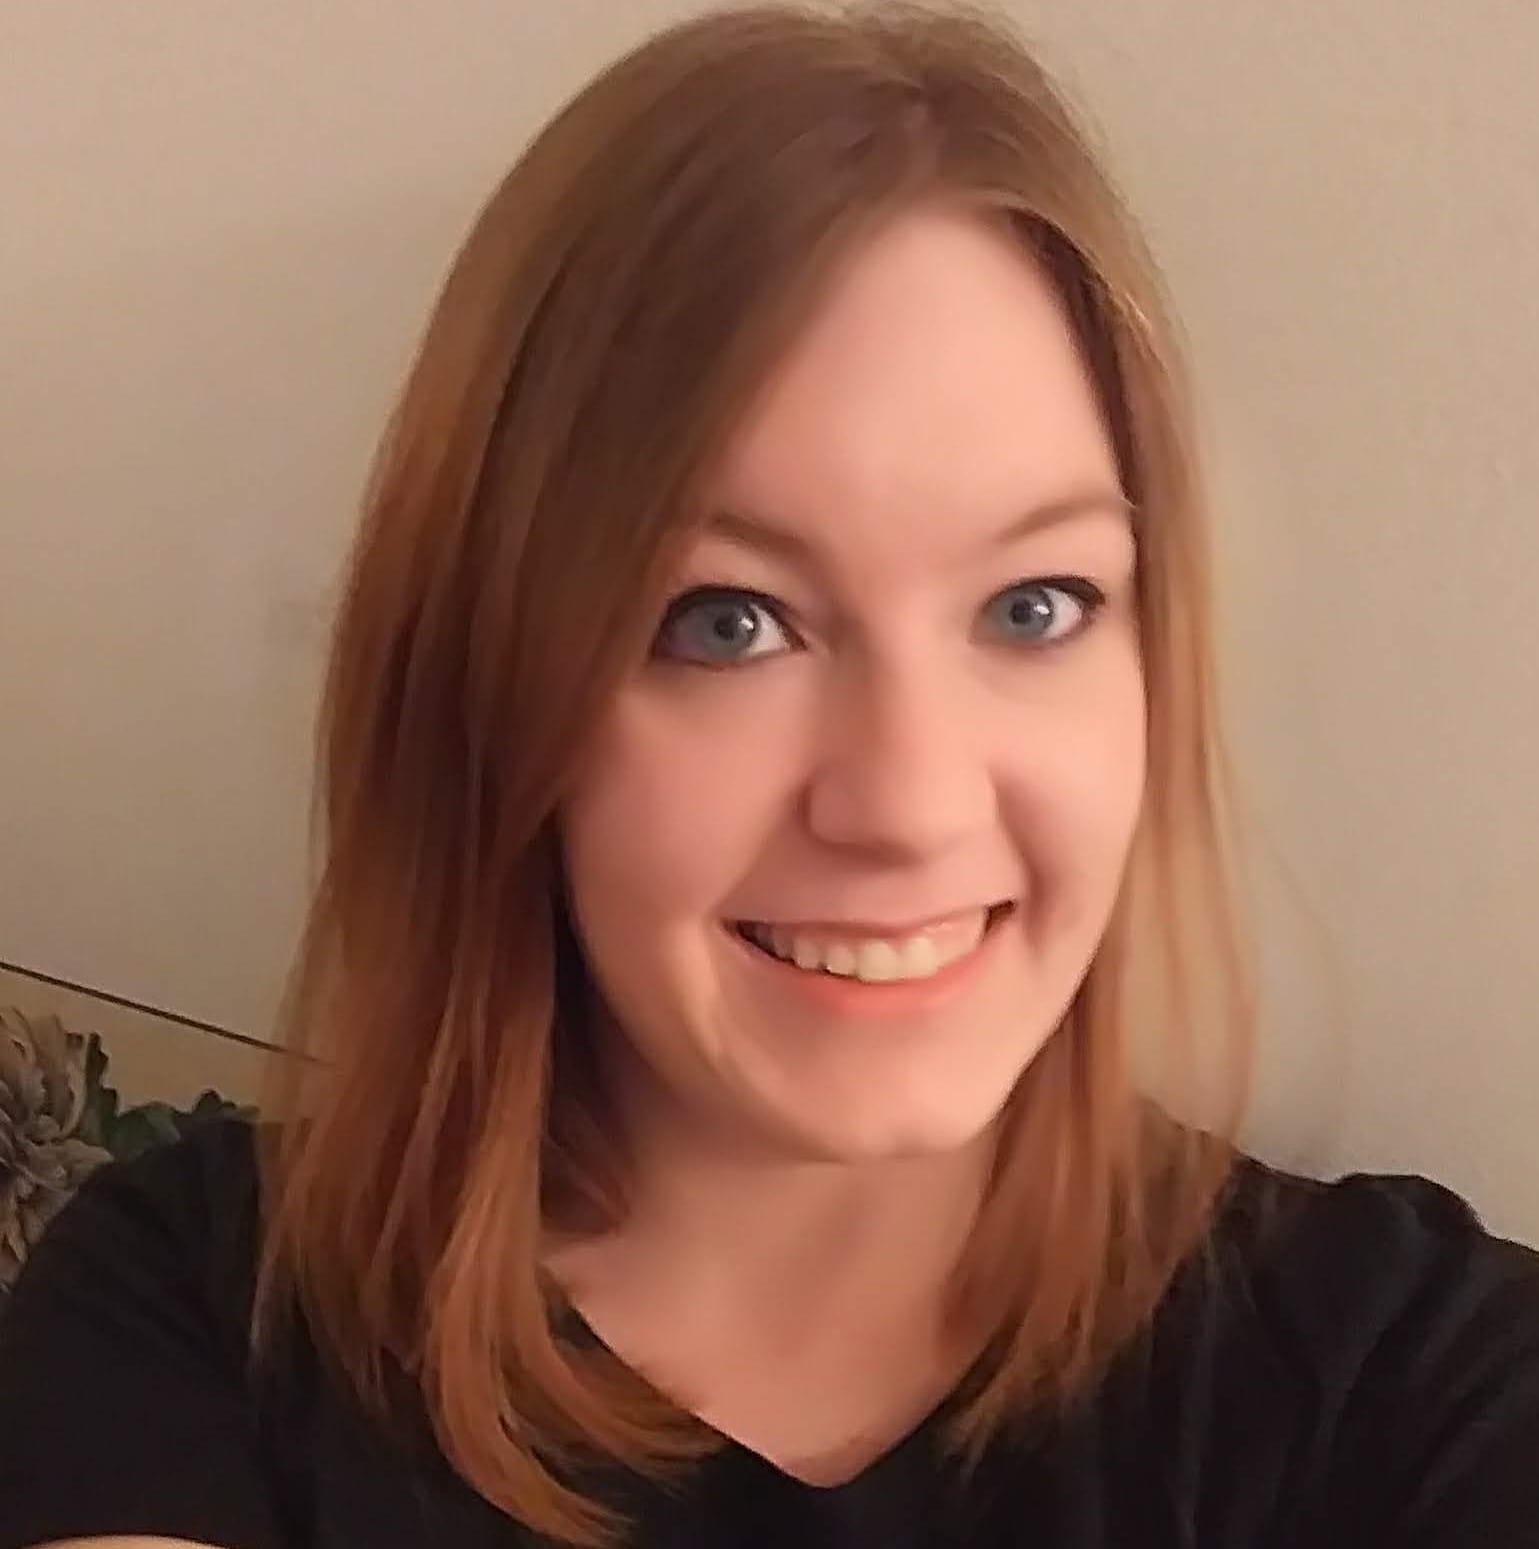 Sarah Stuparits (she/her)